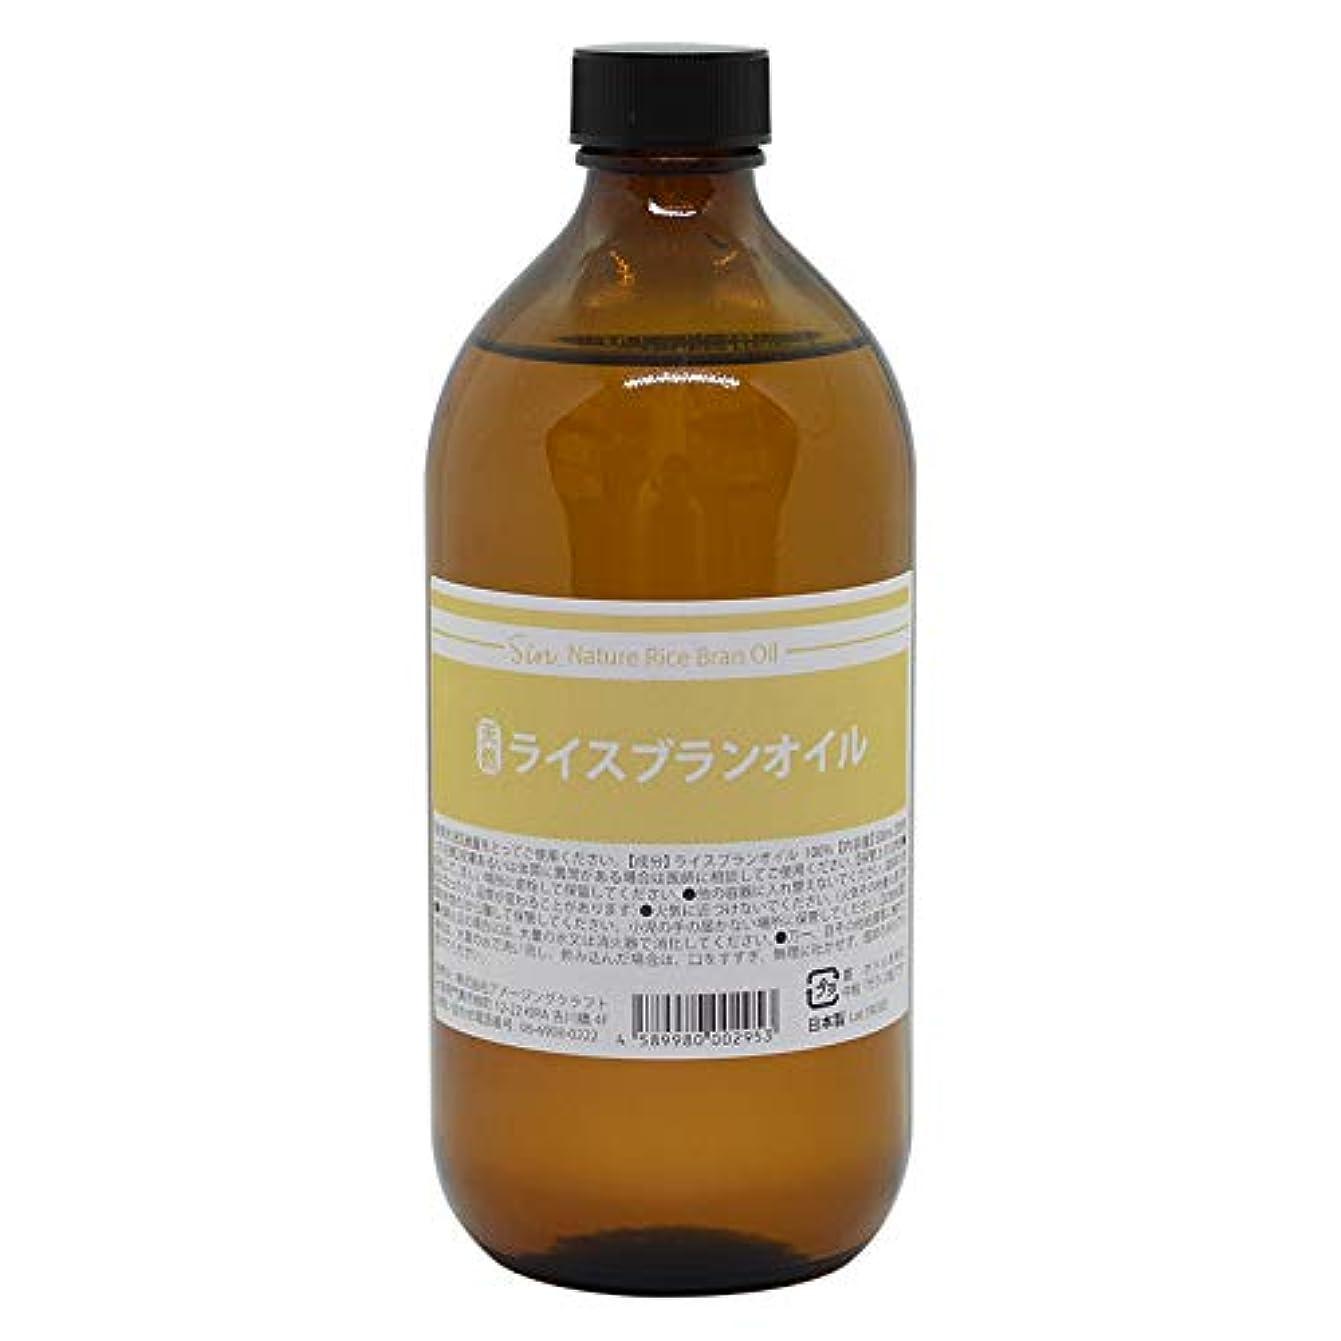 天然無添加 国内精製 ライスブランオイル 500ml ライスオイル